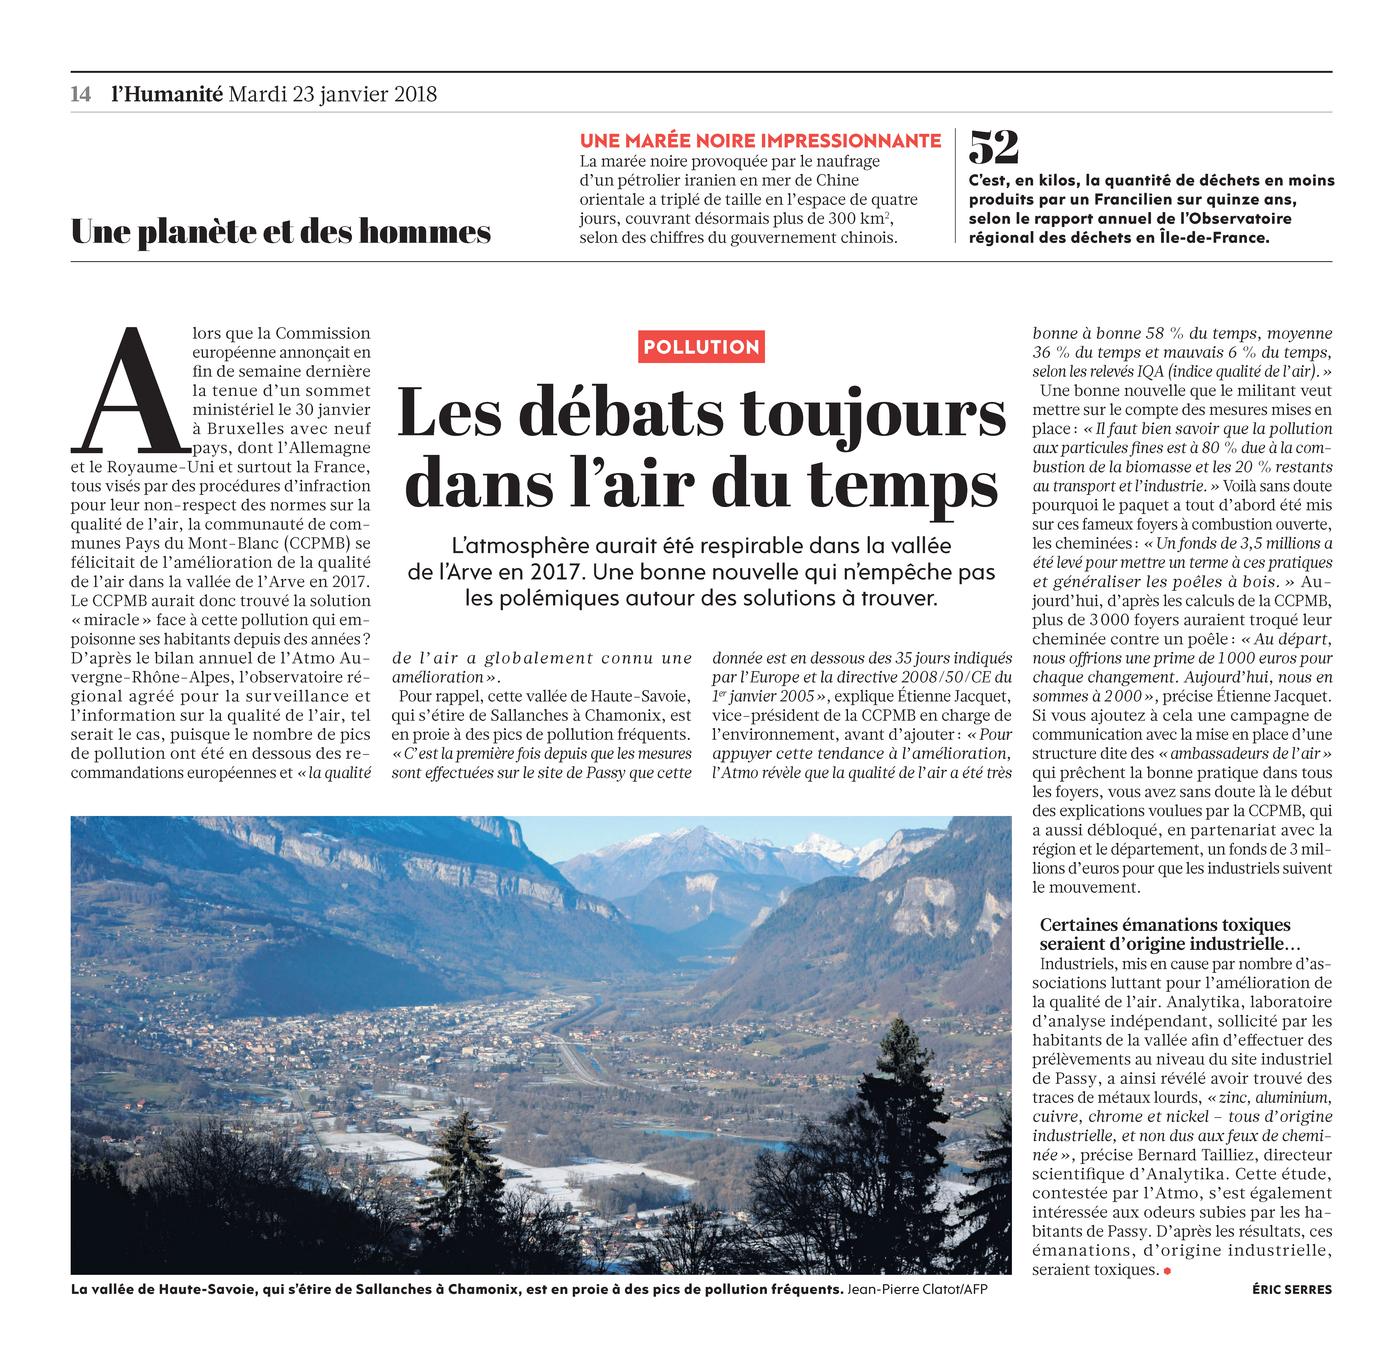 """23.01.2018 > L'HUMANITÉ : """"Pollution dans la vallée de l'Arve : Les débats toujours dans l'air du temps"""""""